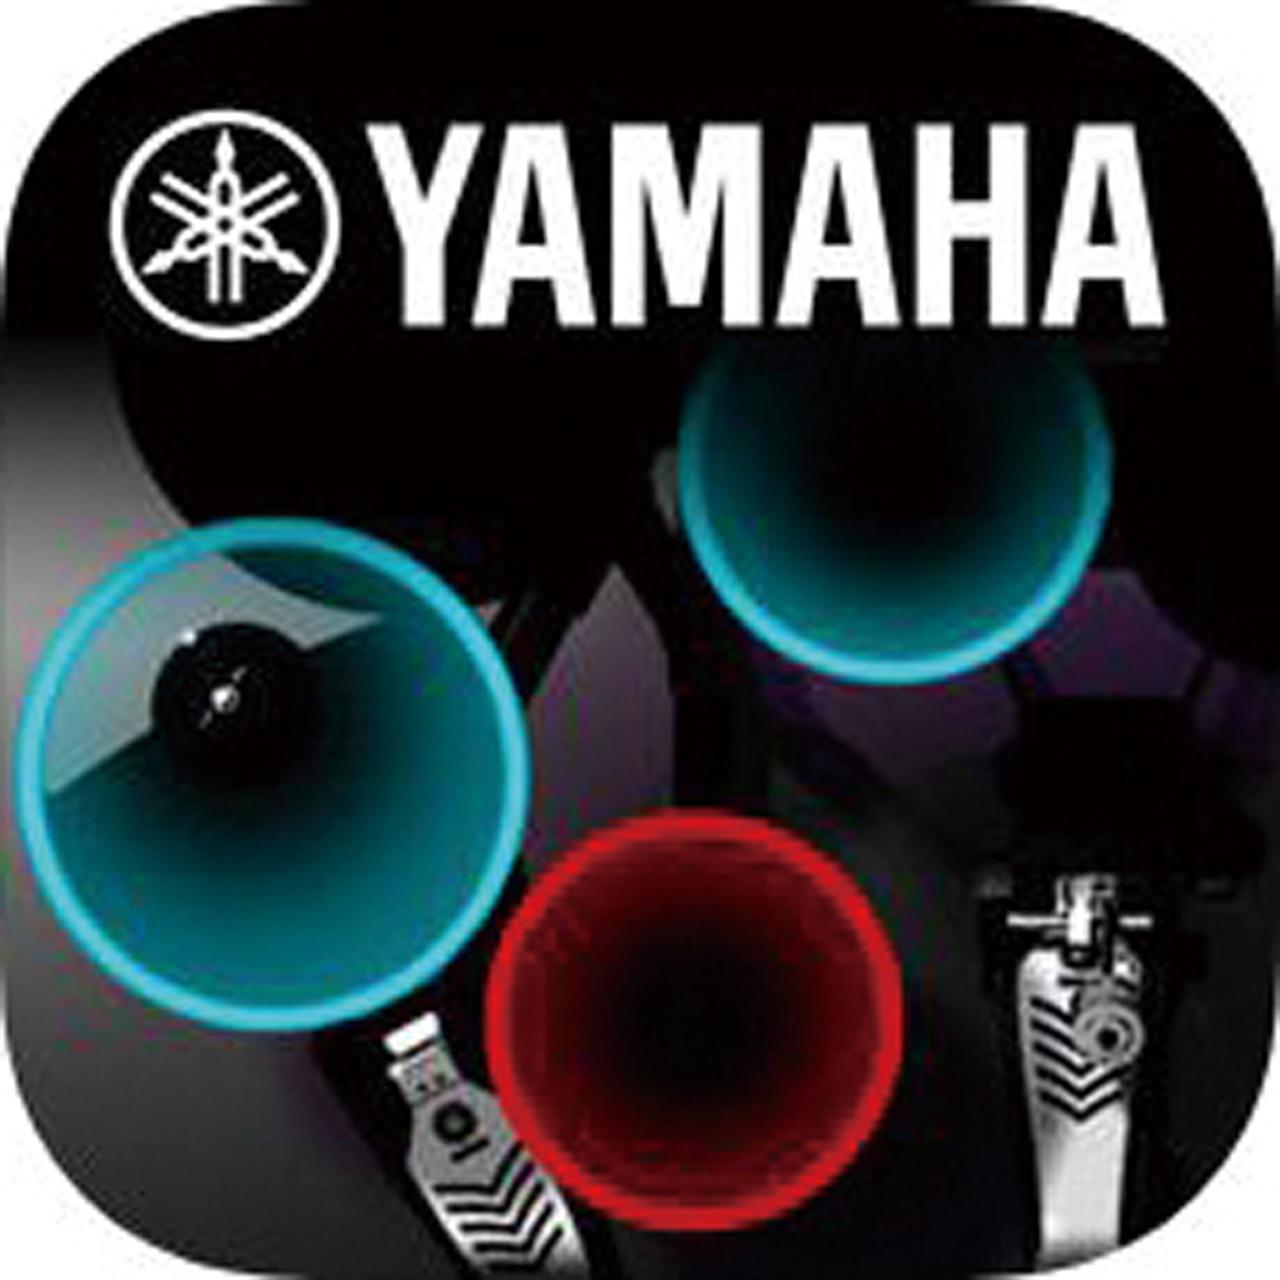 画像2: 【無料楽器アプリ】バイオリンやドラムを演奏! 1人バンドを実現!おすすめ4選はコレだ